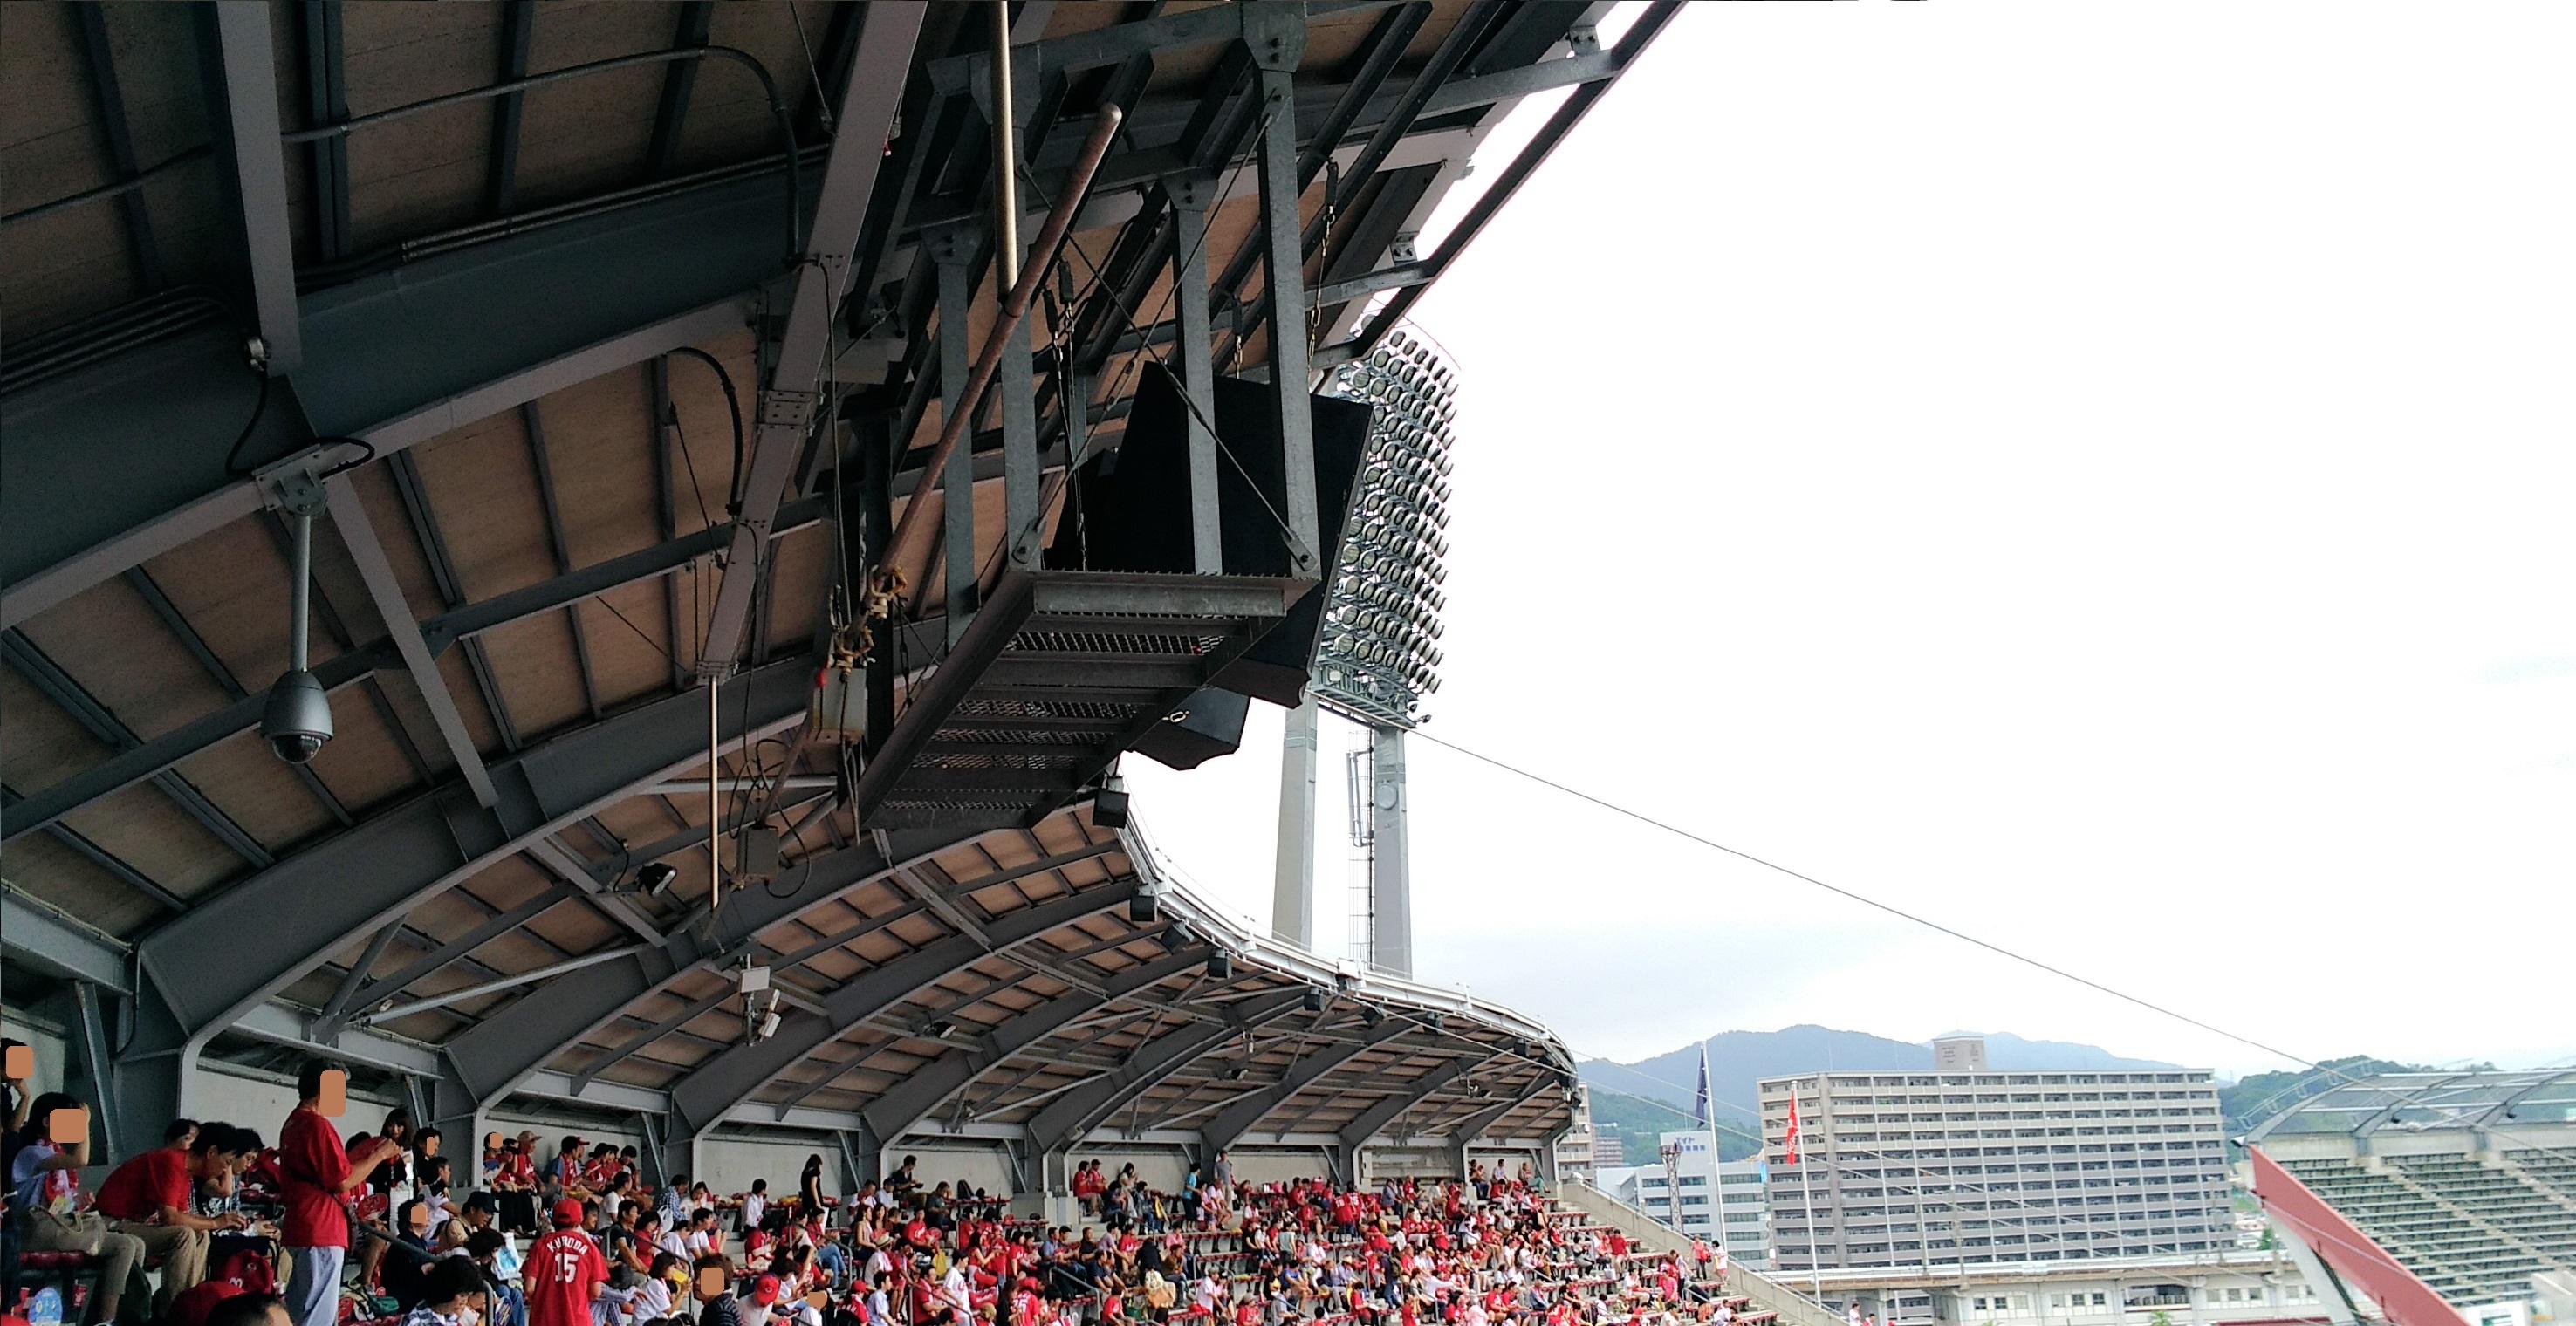 雨天でも大丈夫!【内野自由席】の「良席」確保について考察してみました! ‐ 2017年プロ野球・広島カープ・マツダスタジアム徹底ガイド 21 ‐